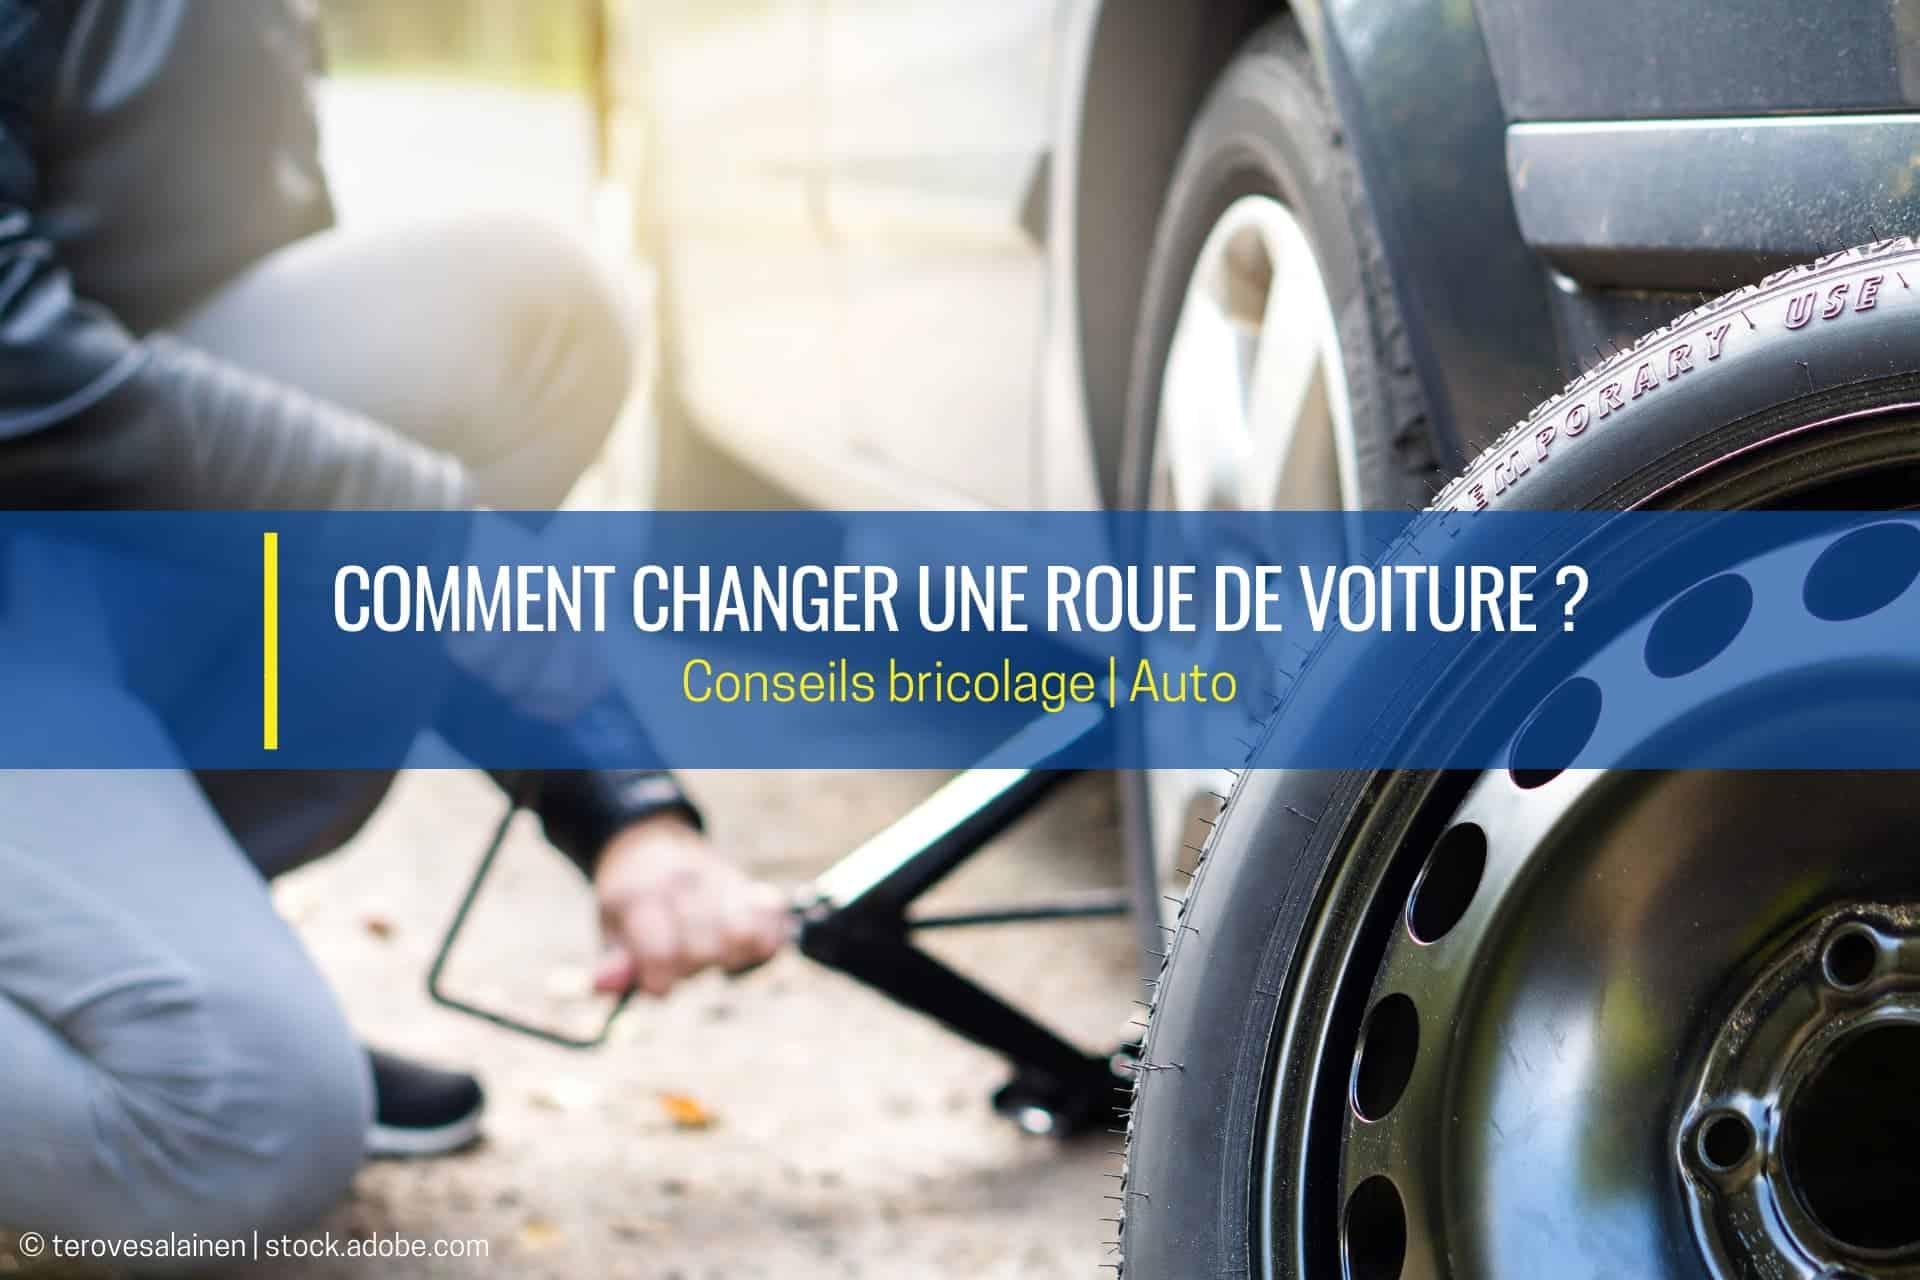 comment changer une roue